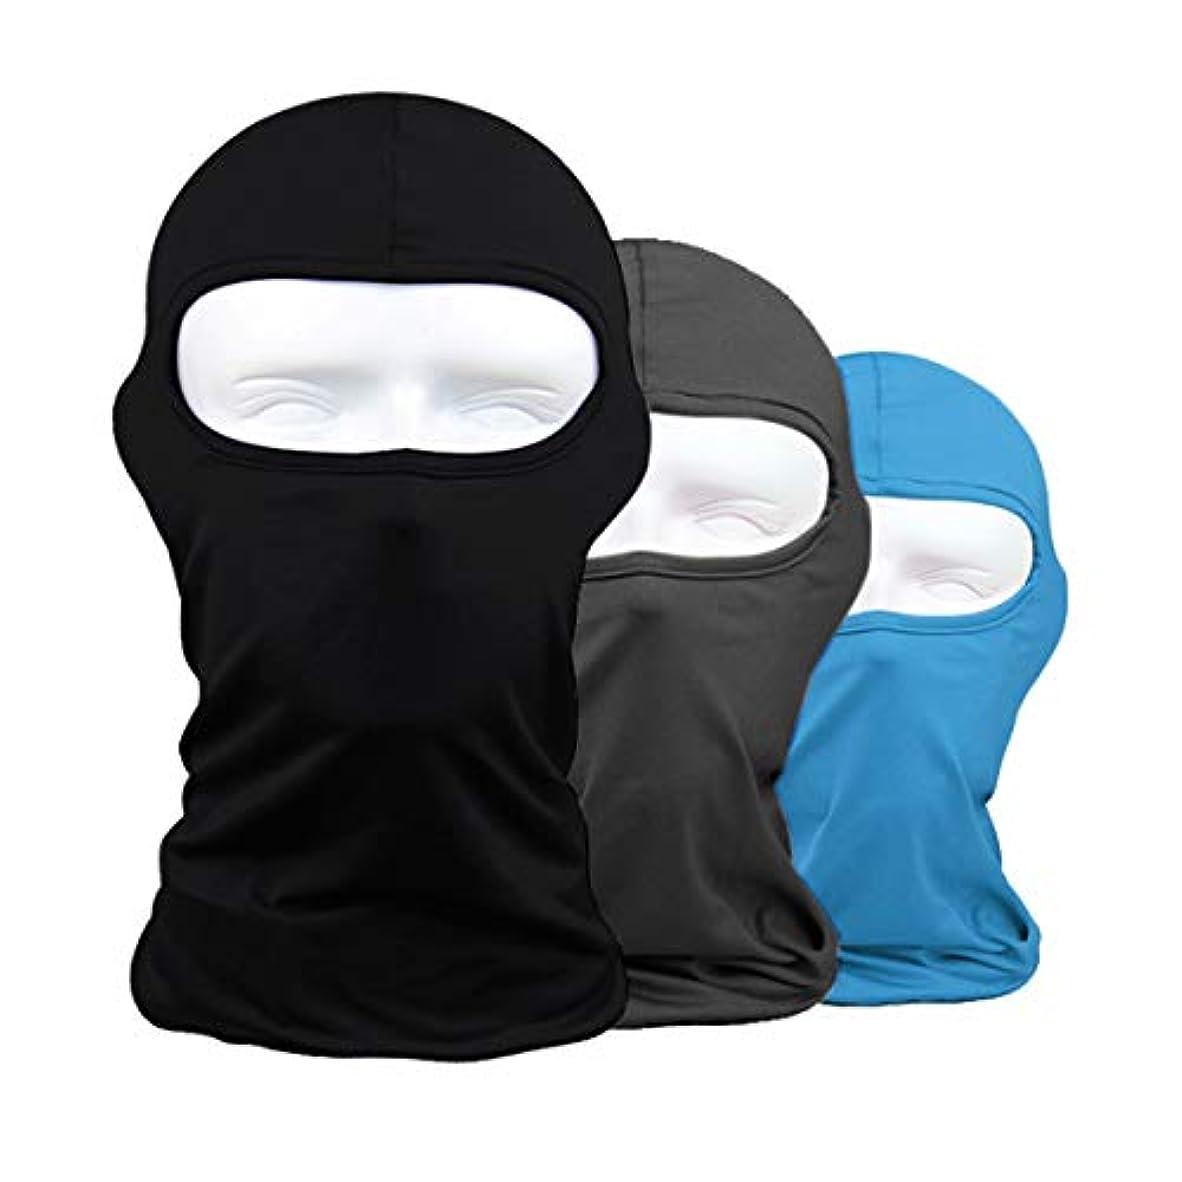 背骨種呼ぶフェイスマスク 通気 速乾 ヘッドウェア ライクラ生地 目だし帽 バラクラバ 保温 UVカット,ブラック + グレー + ブルー,3枚